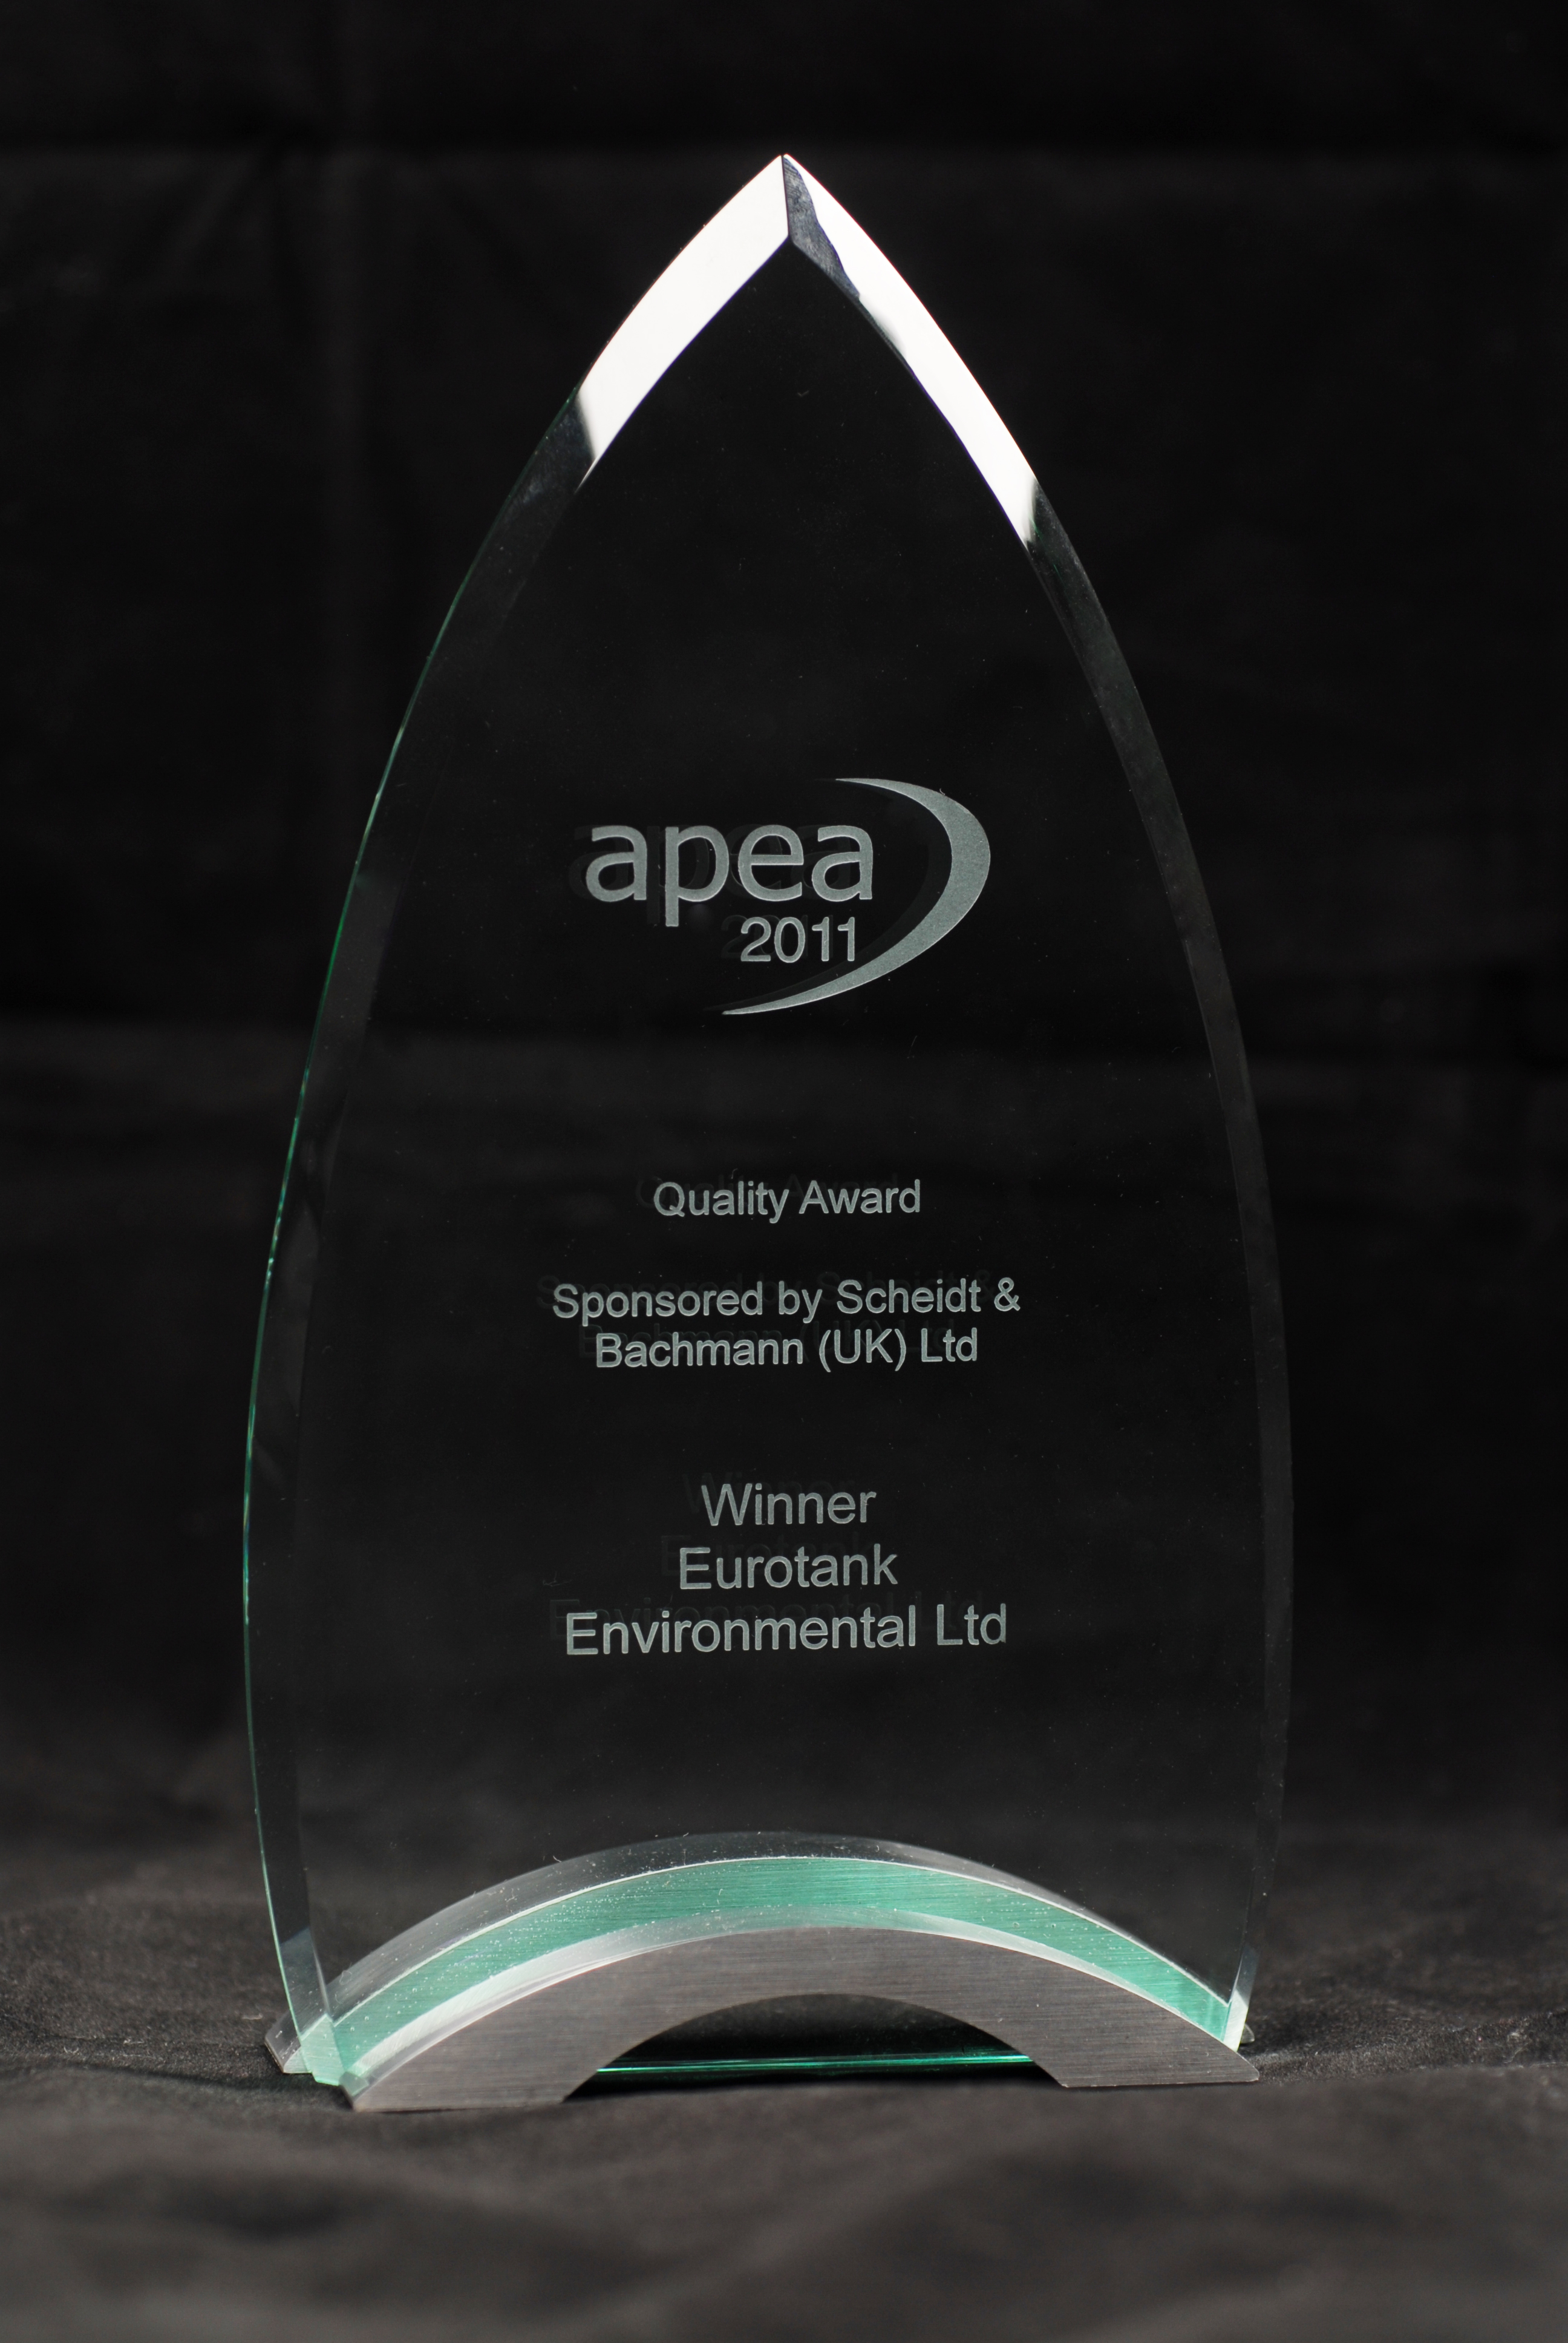 APEA Quality Award